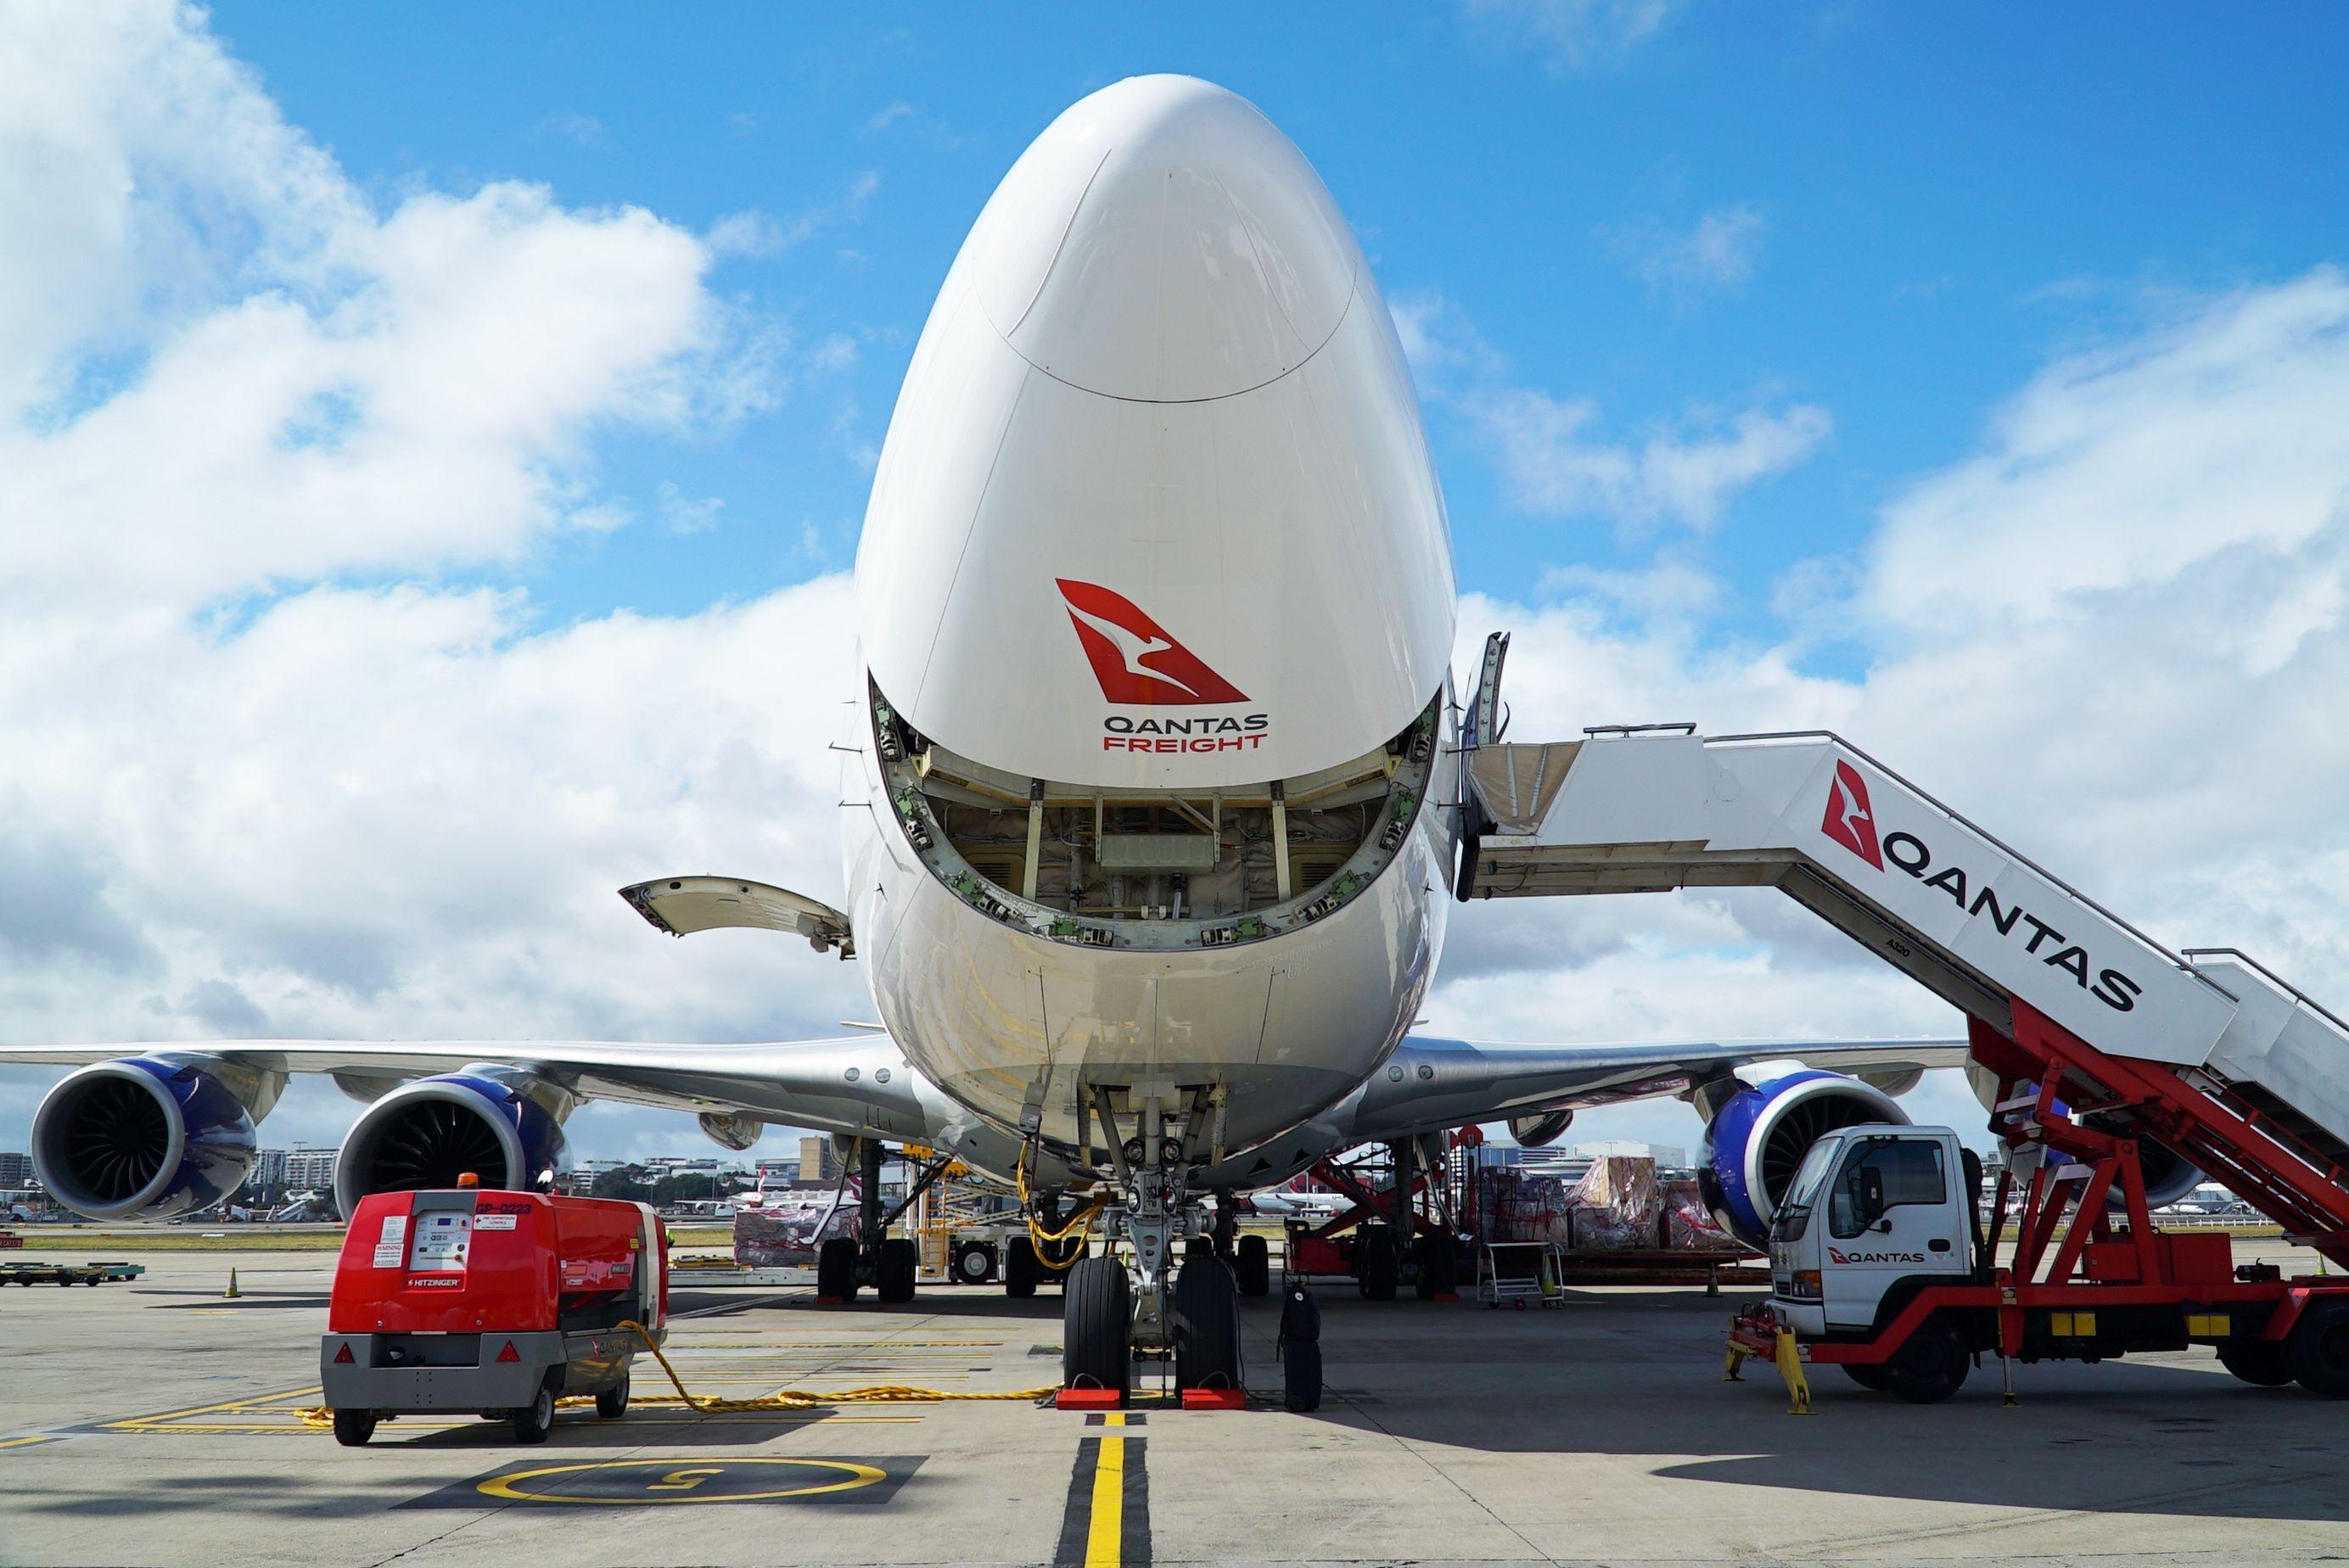 澳洲货运航空接收波音747-8F货机 将投入中国市场运营